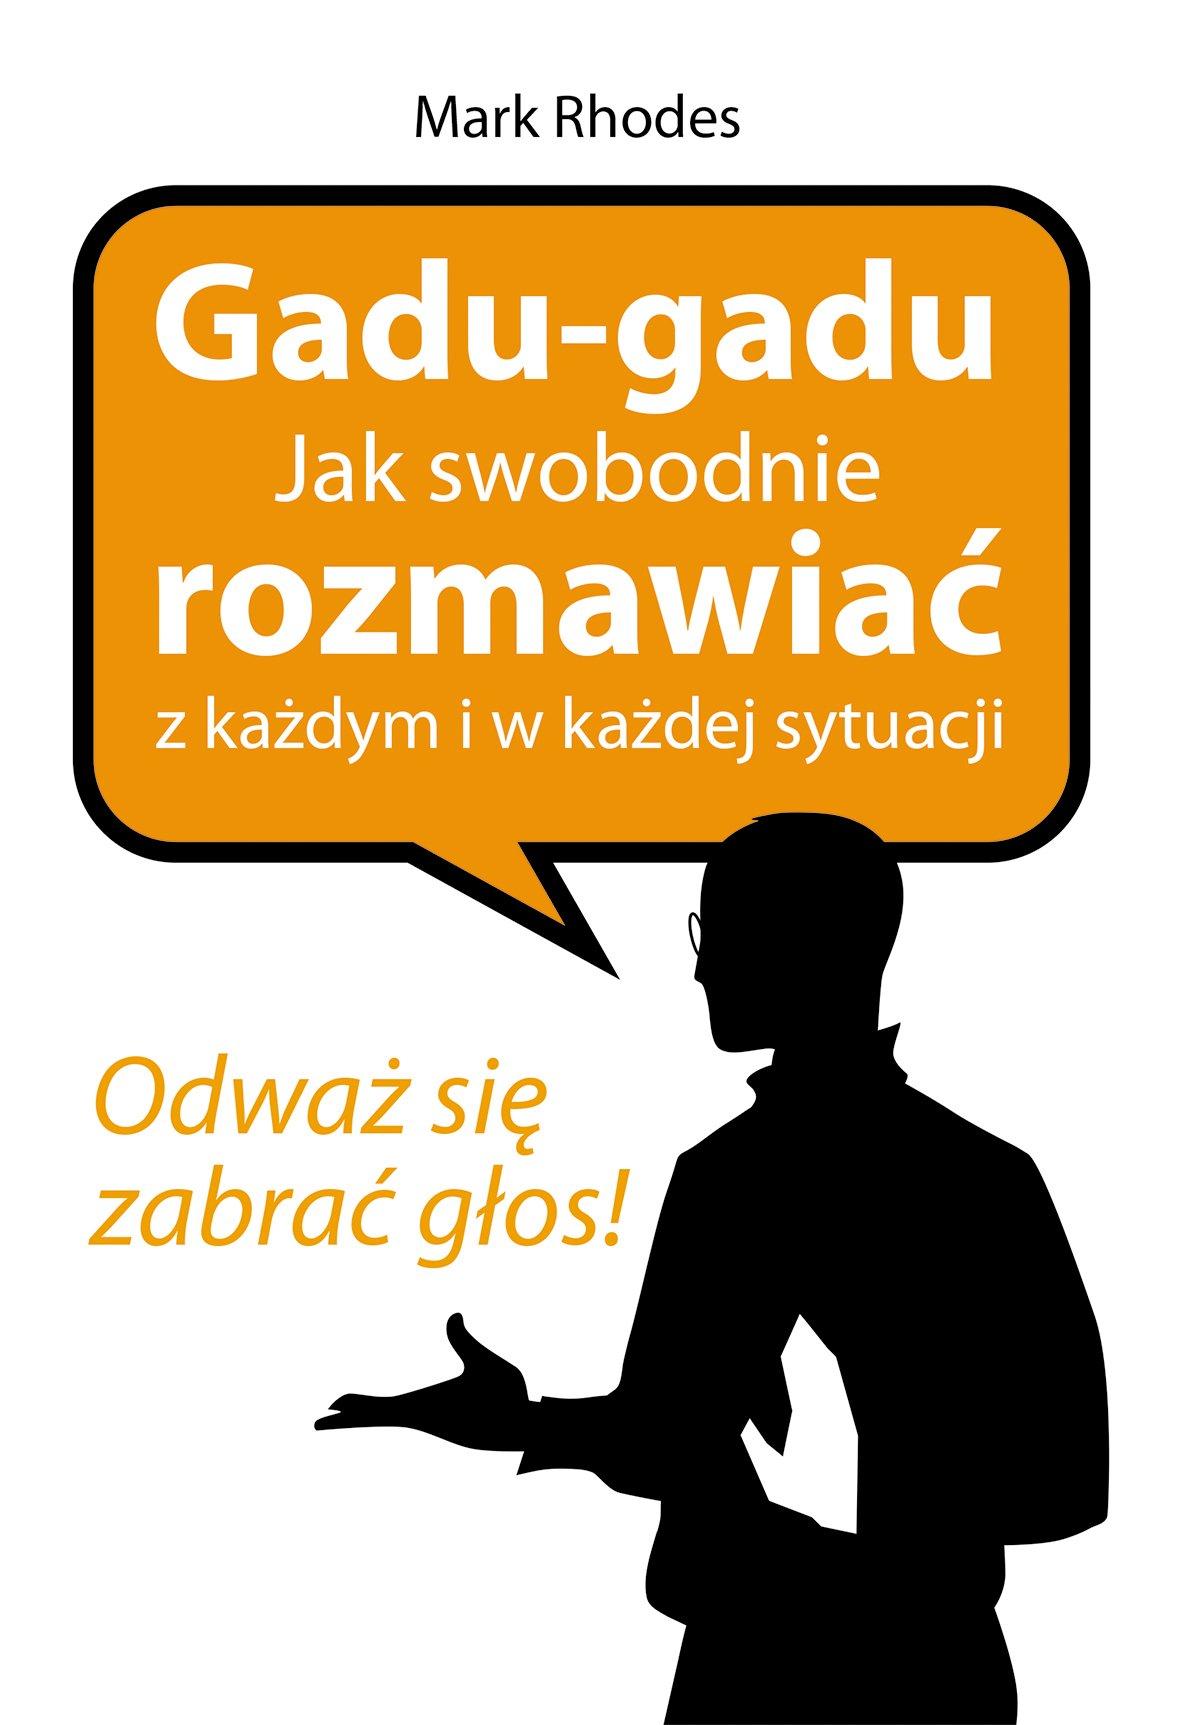 Gadu - gadu. Jak swobodnie rozmawiać z każdym i w każdej sytuacji - Ebook (Książka na Kindle) do pobrania w formacie MOBI